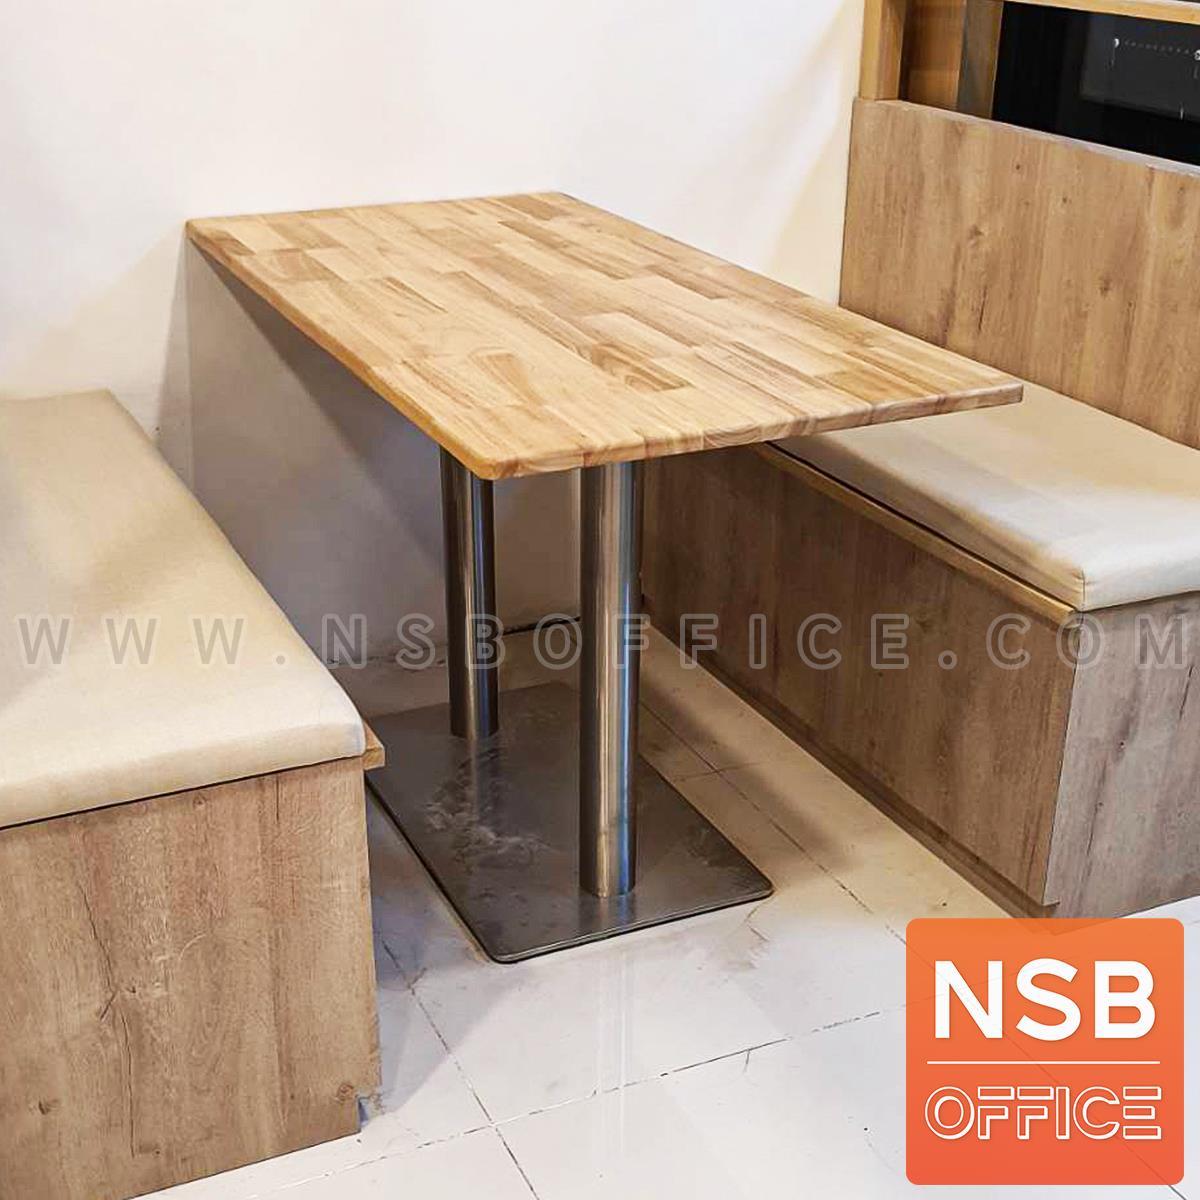 โต๊ะบาร์ COFFEE รุ่น Tessella (เทสเซลล่า)  หน้าท็อปไม้ยางพารา ขาสเตนเลสเหลี่ยมแบน